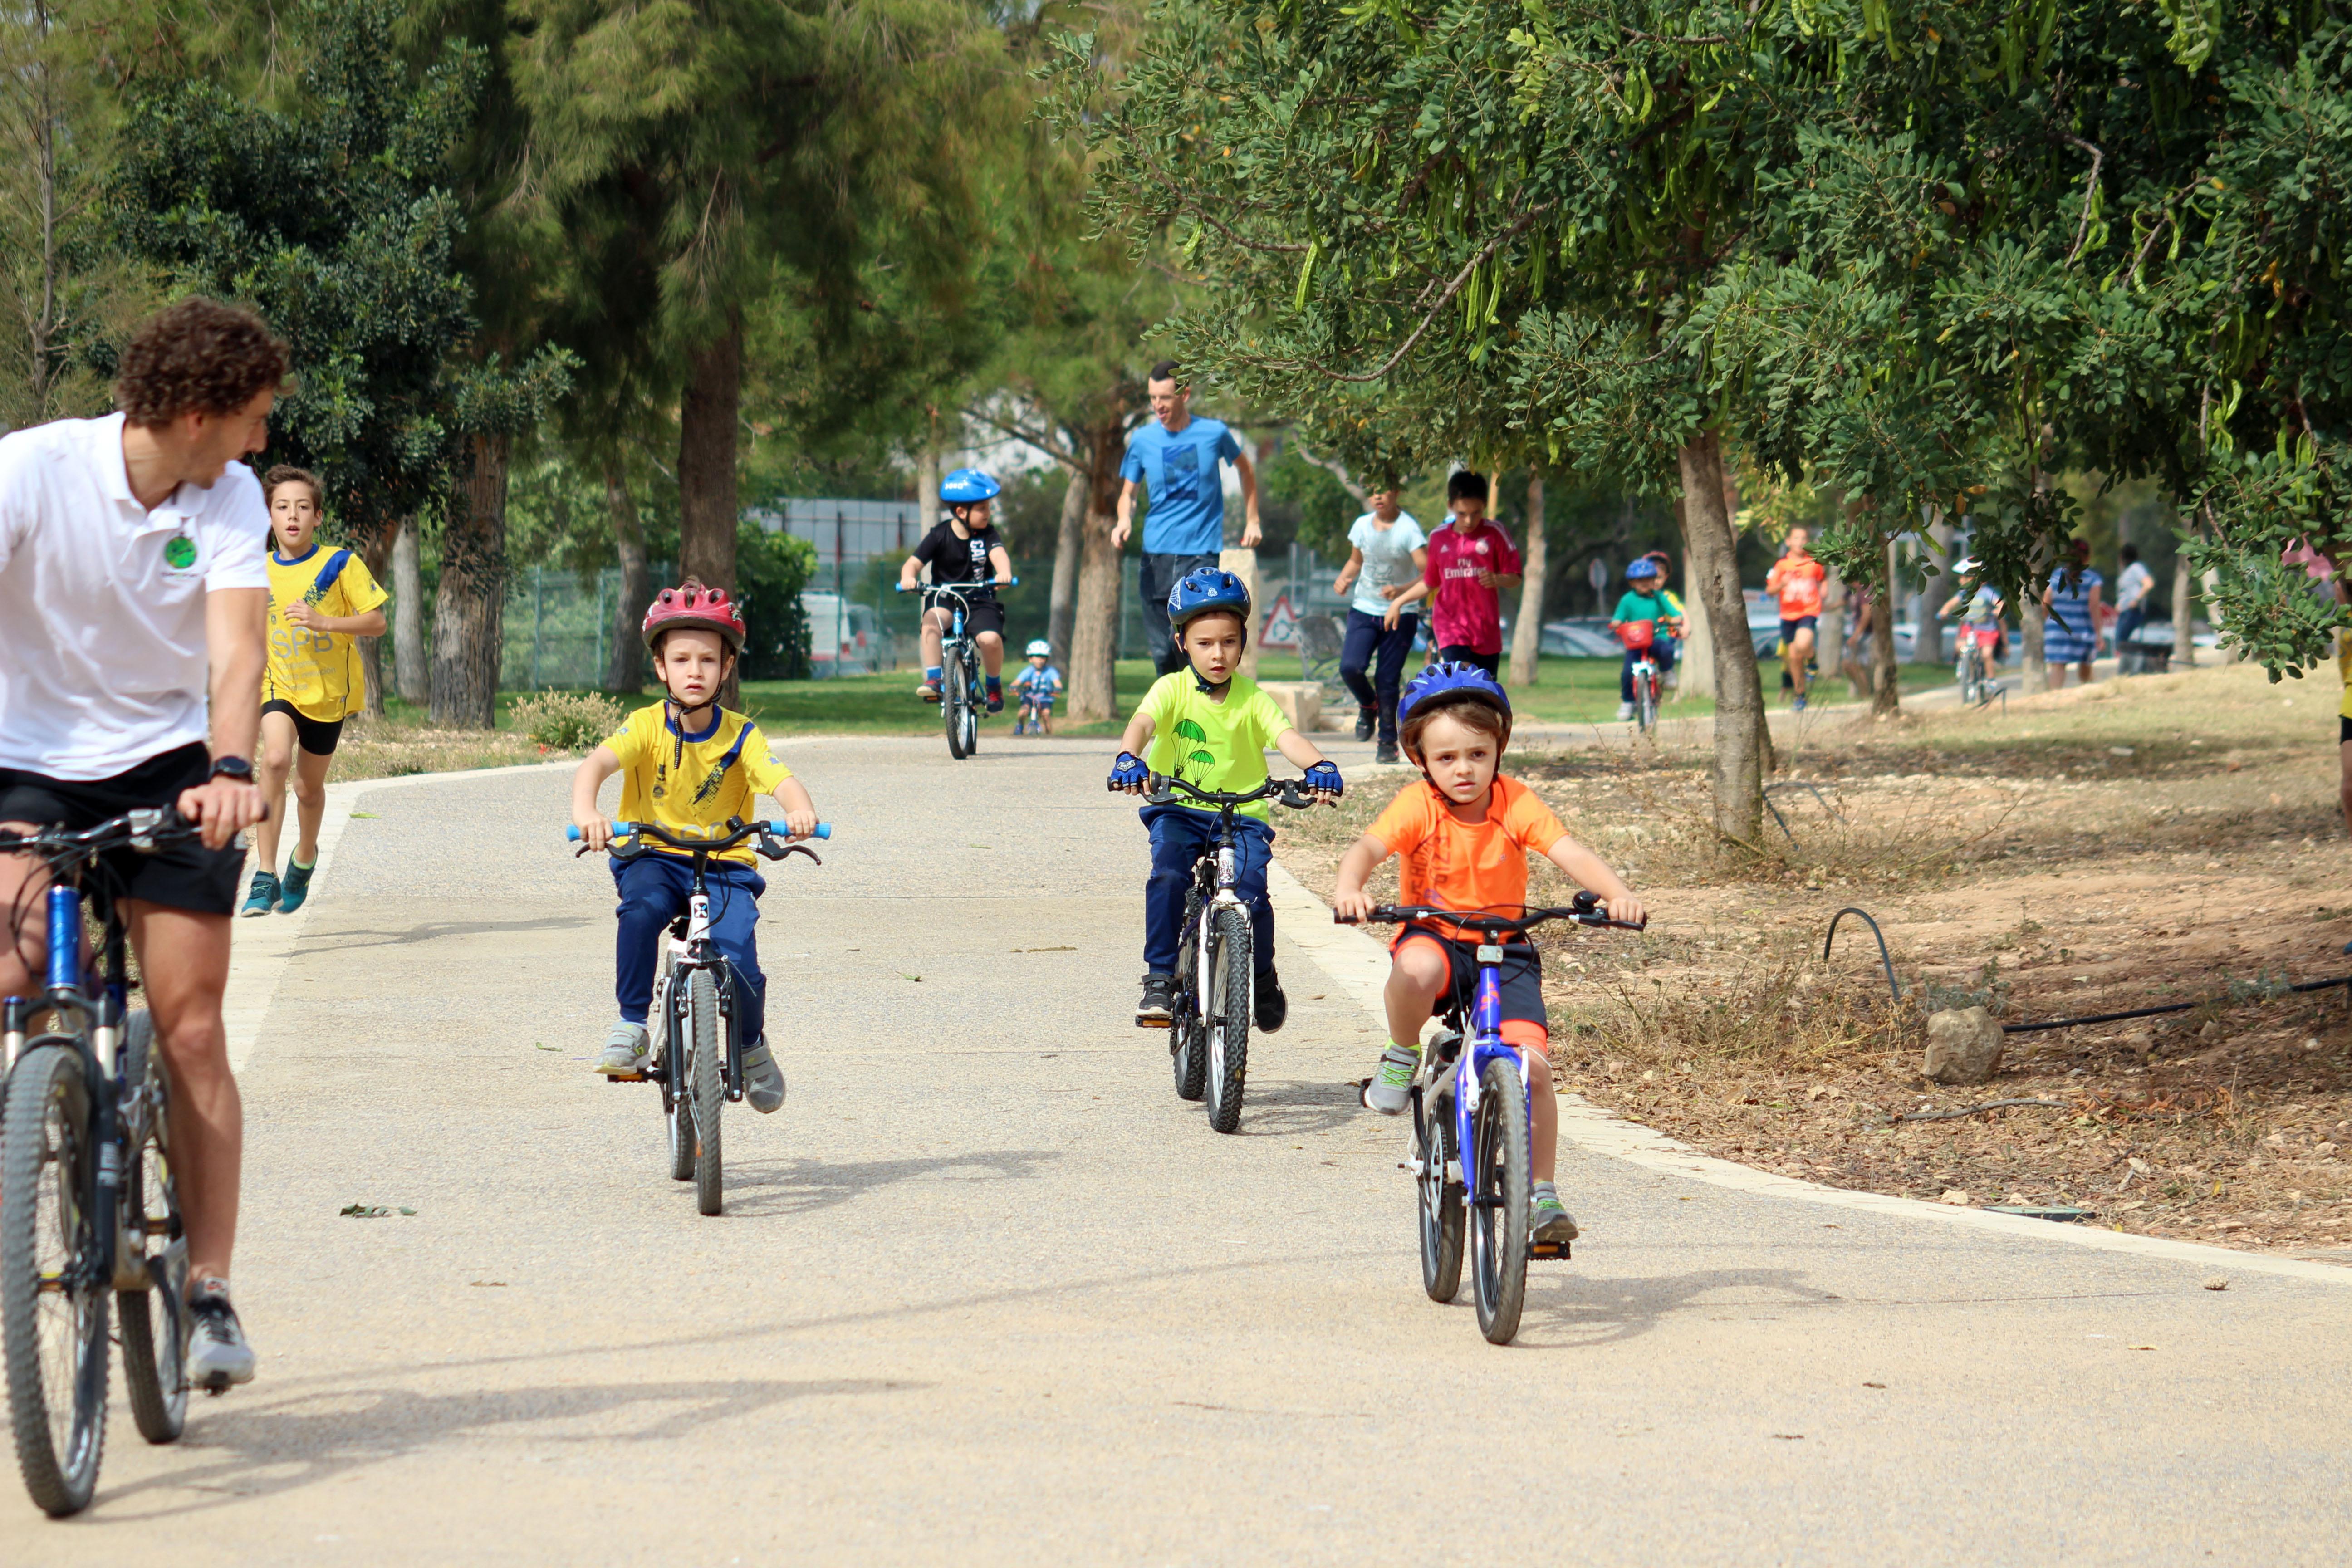 El buen ambiente y la deportividad caracterizaron el Duatlón celebrado ayer, domingo 27 de mayo, en el Parque de La Lomiquia de Cheste.